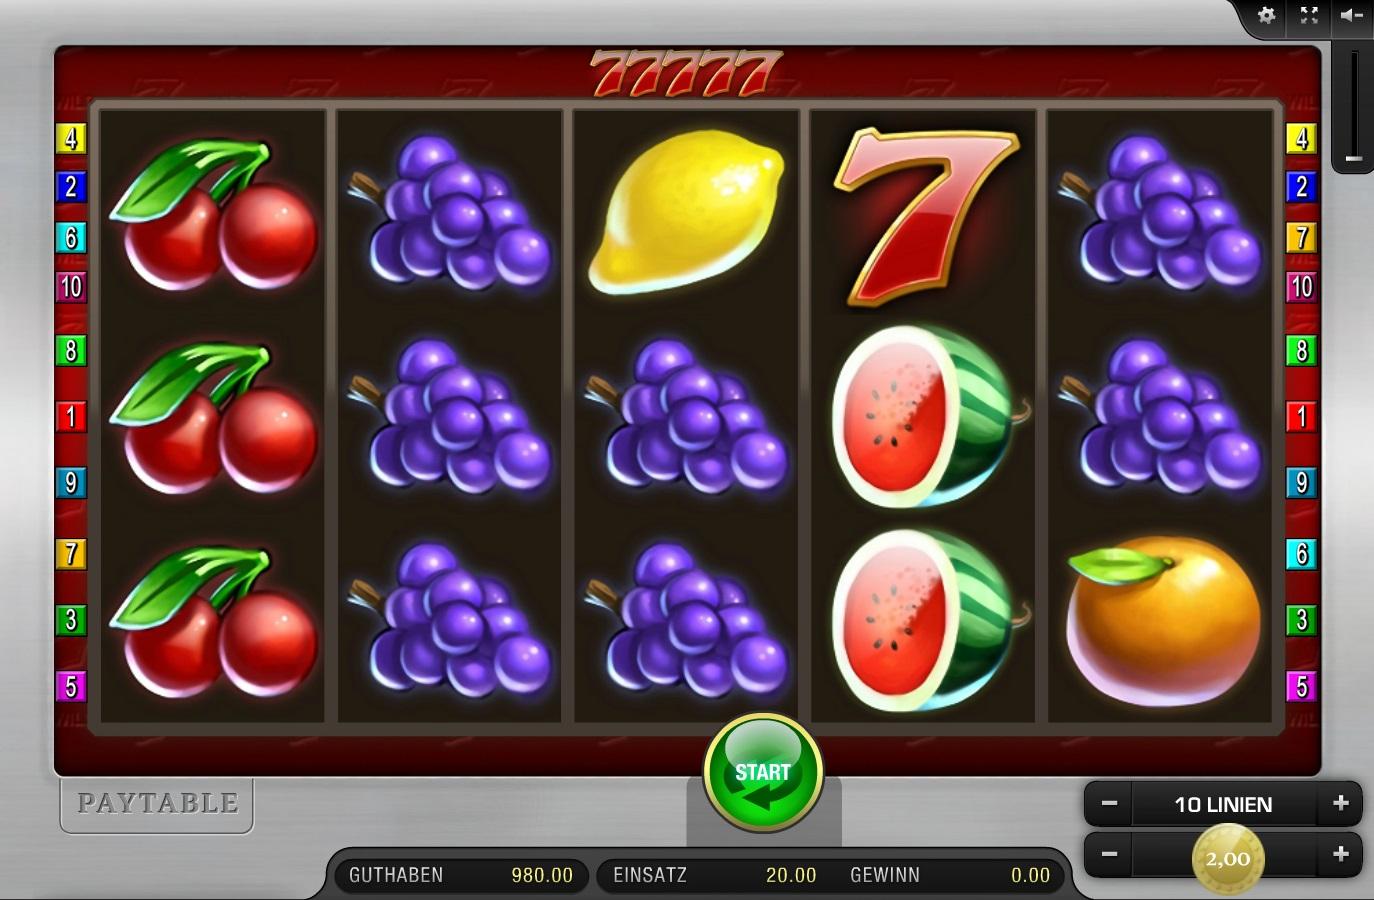 merkur online casino echtgeld kostenlos online spielen ohne